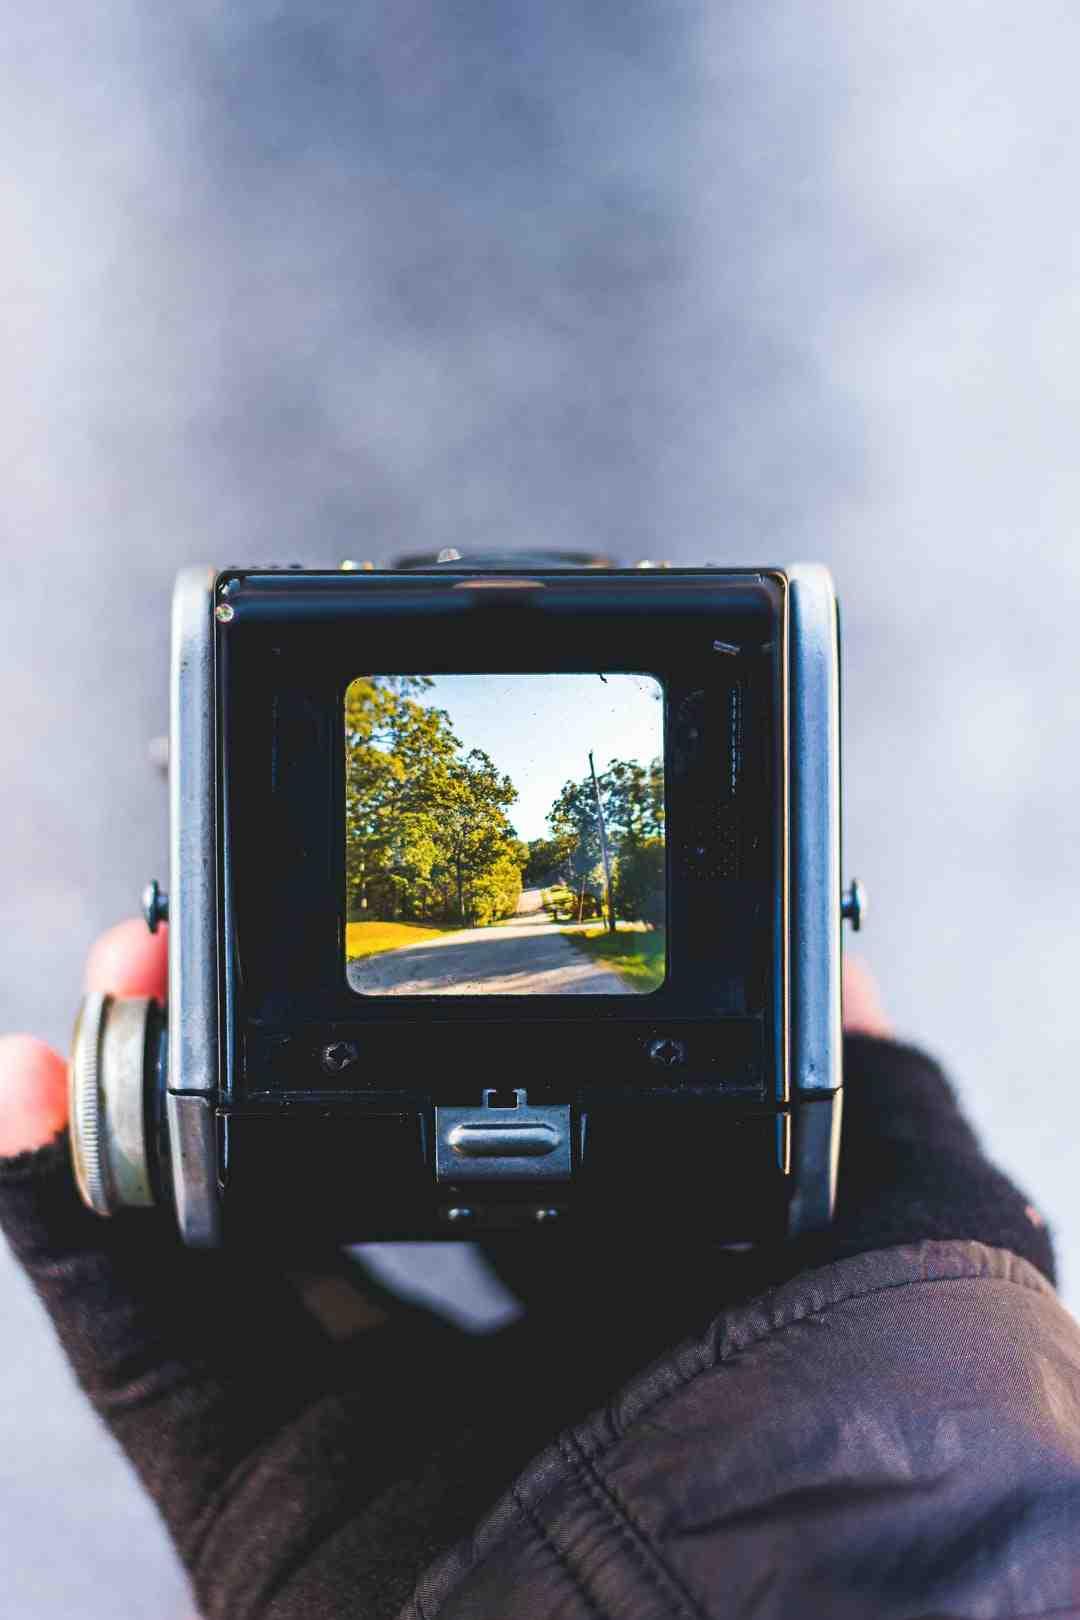 Comment faire pour réduire une photo trop lourde ?